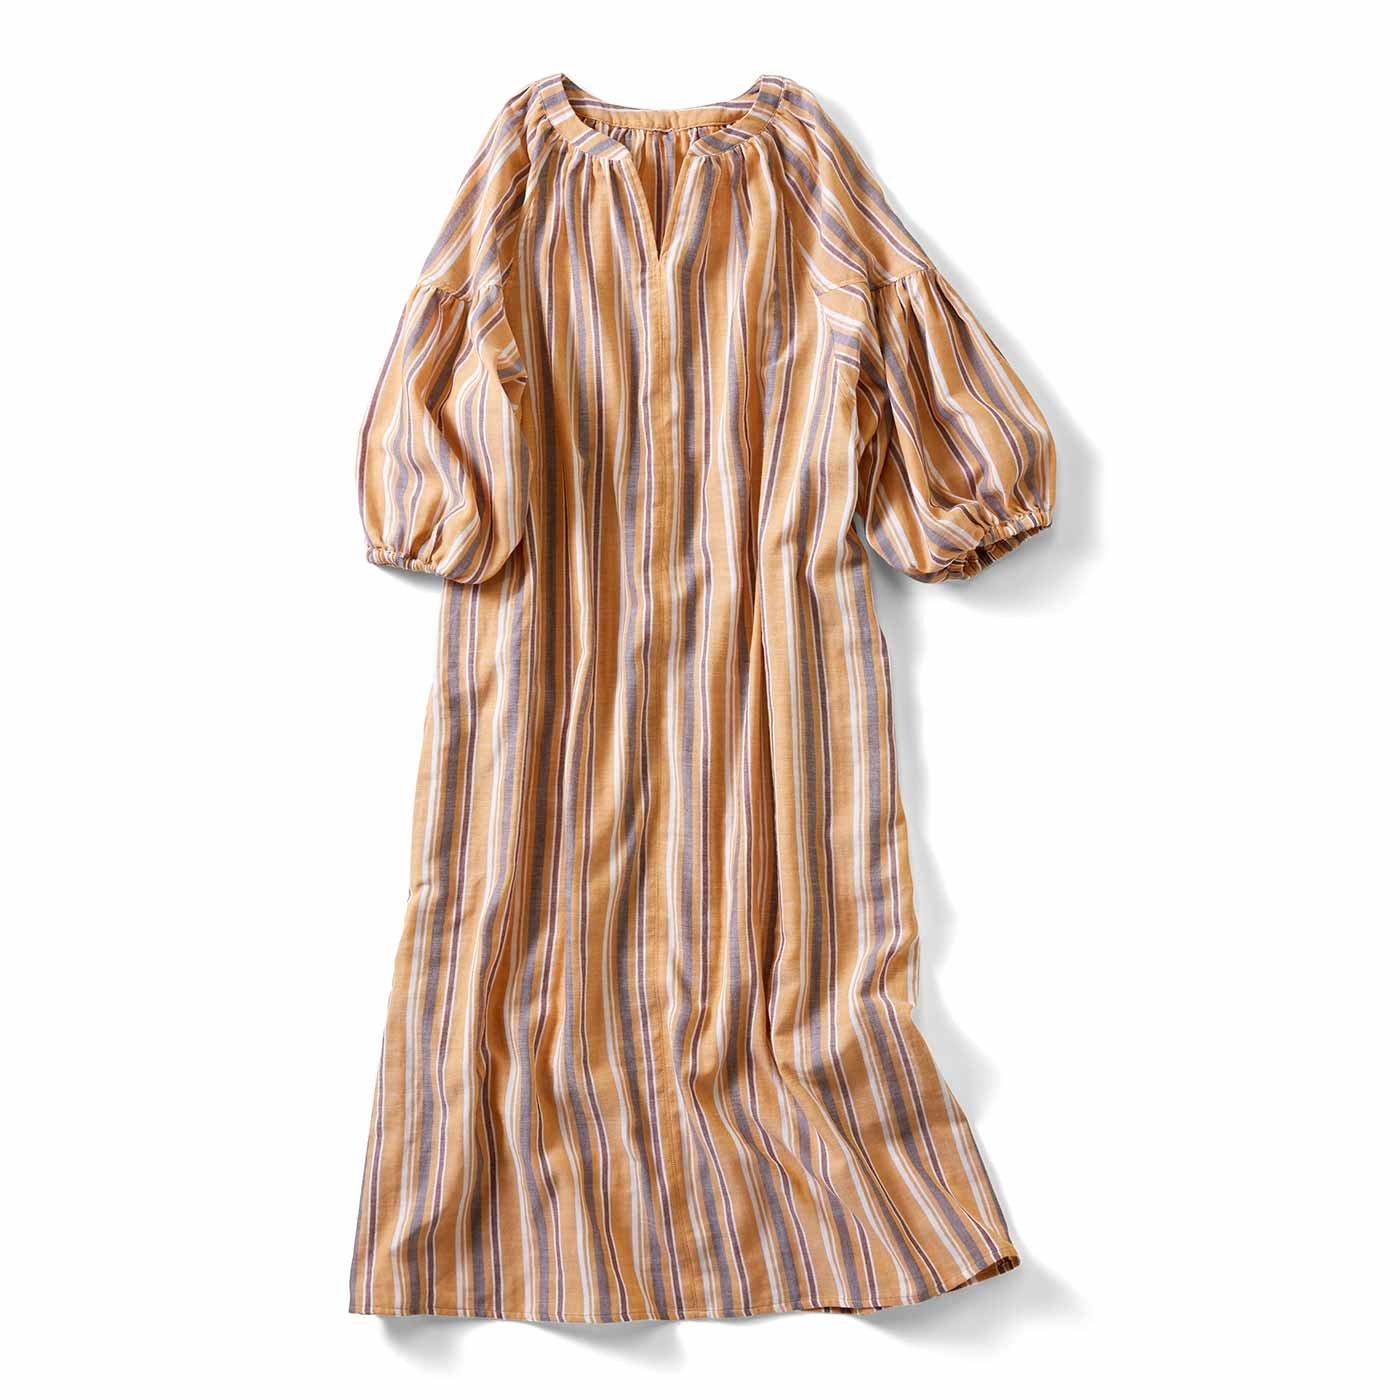 IEDIT[イディット] 先染めマルチストライプのダブルガーゼロングドレス〈マスタード〉